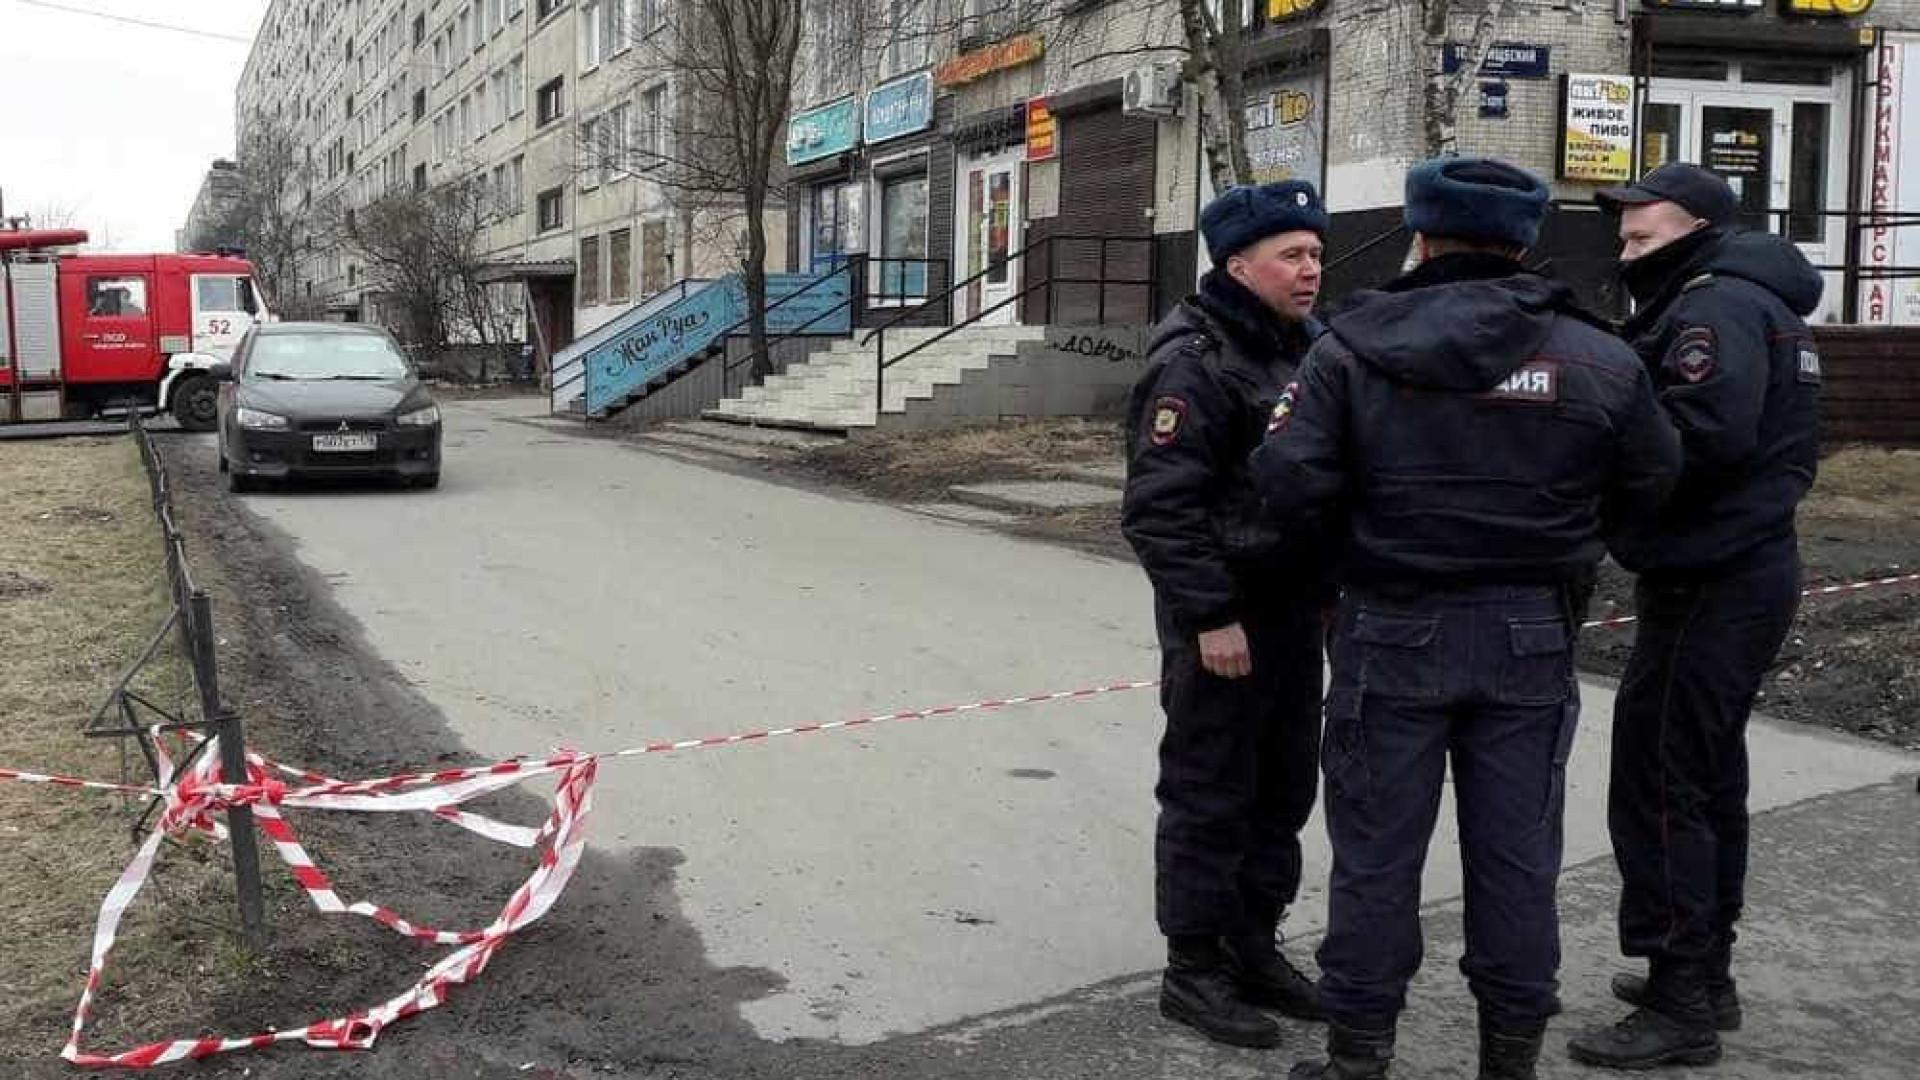 Ataque em São Petersburgo foi financiado por terroristas